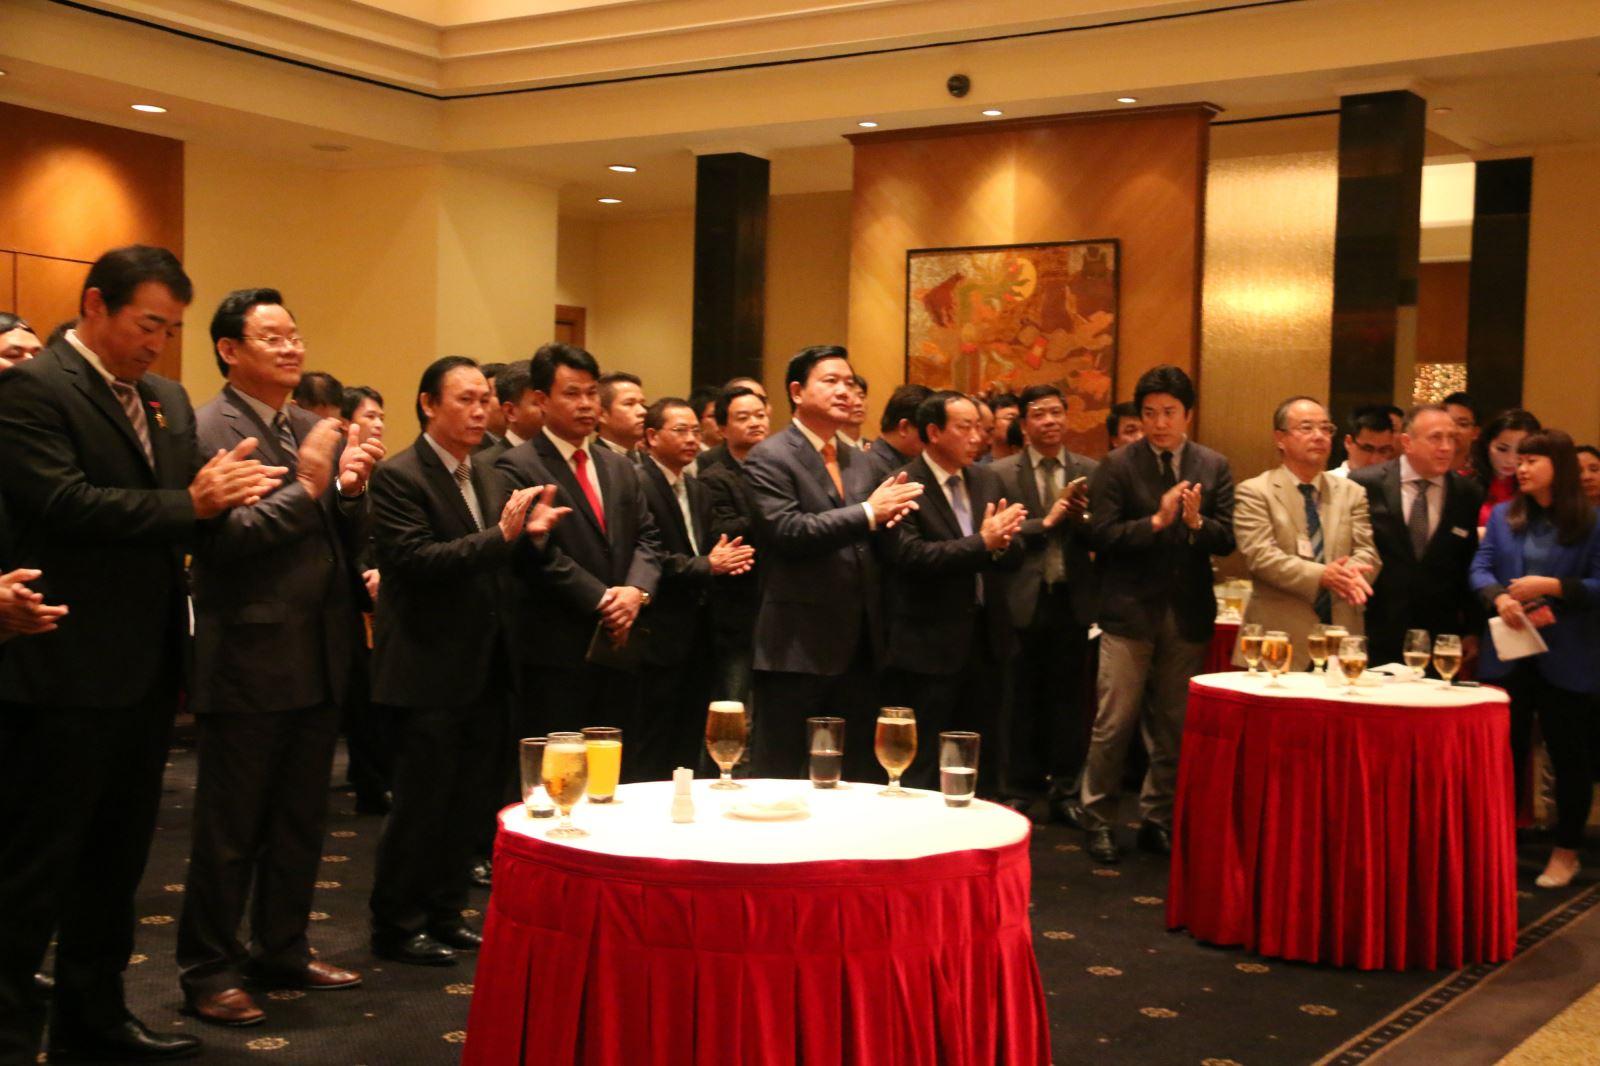 Bộ trưởng Đinh La Thăng cùng nhiều lãnh đạo các cơ quan, đơn vị dự Lễ